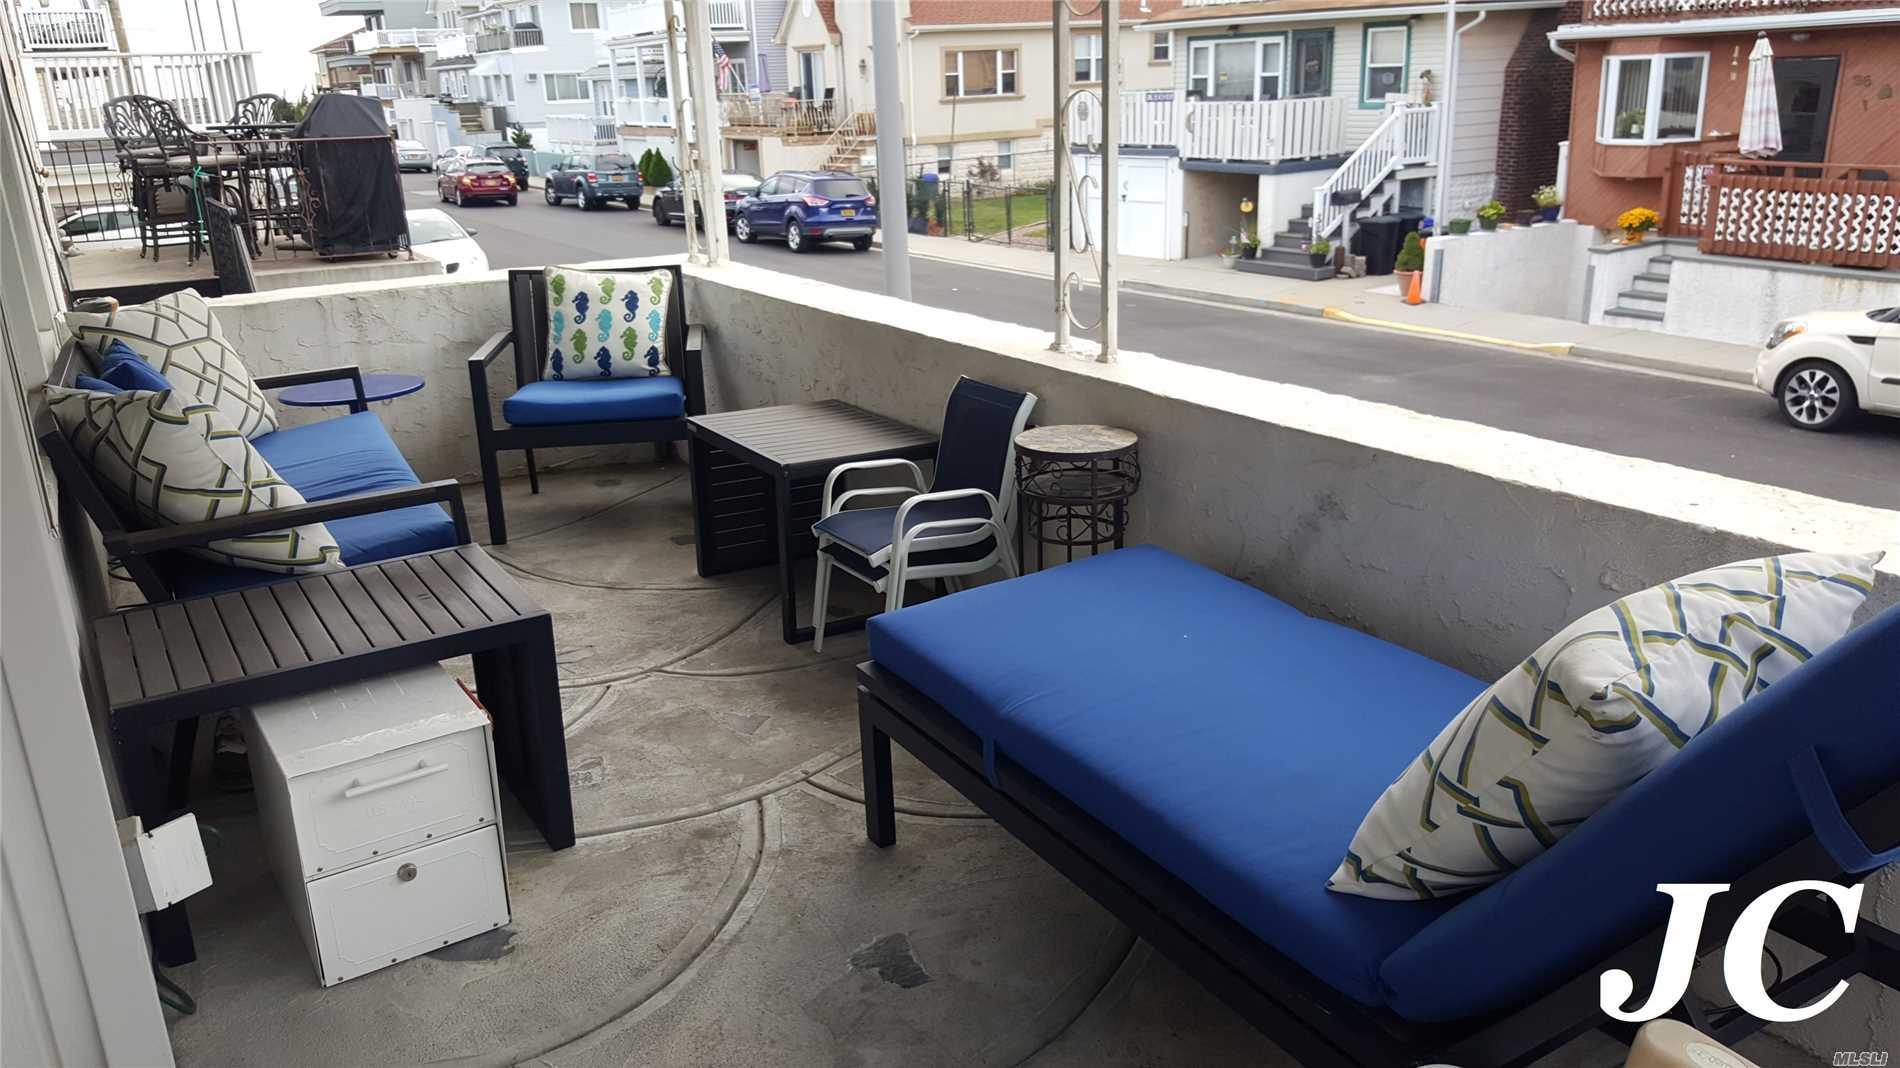 36 Connecticut Ave, House - Long Beach, New York